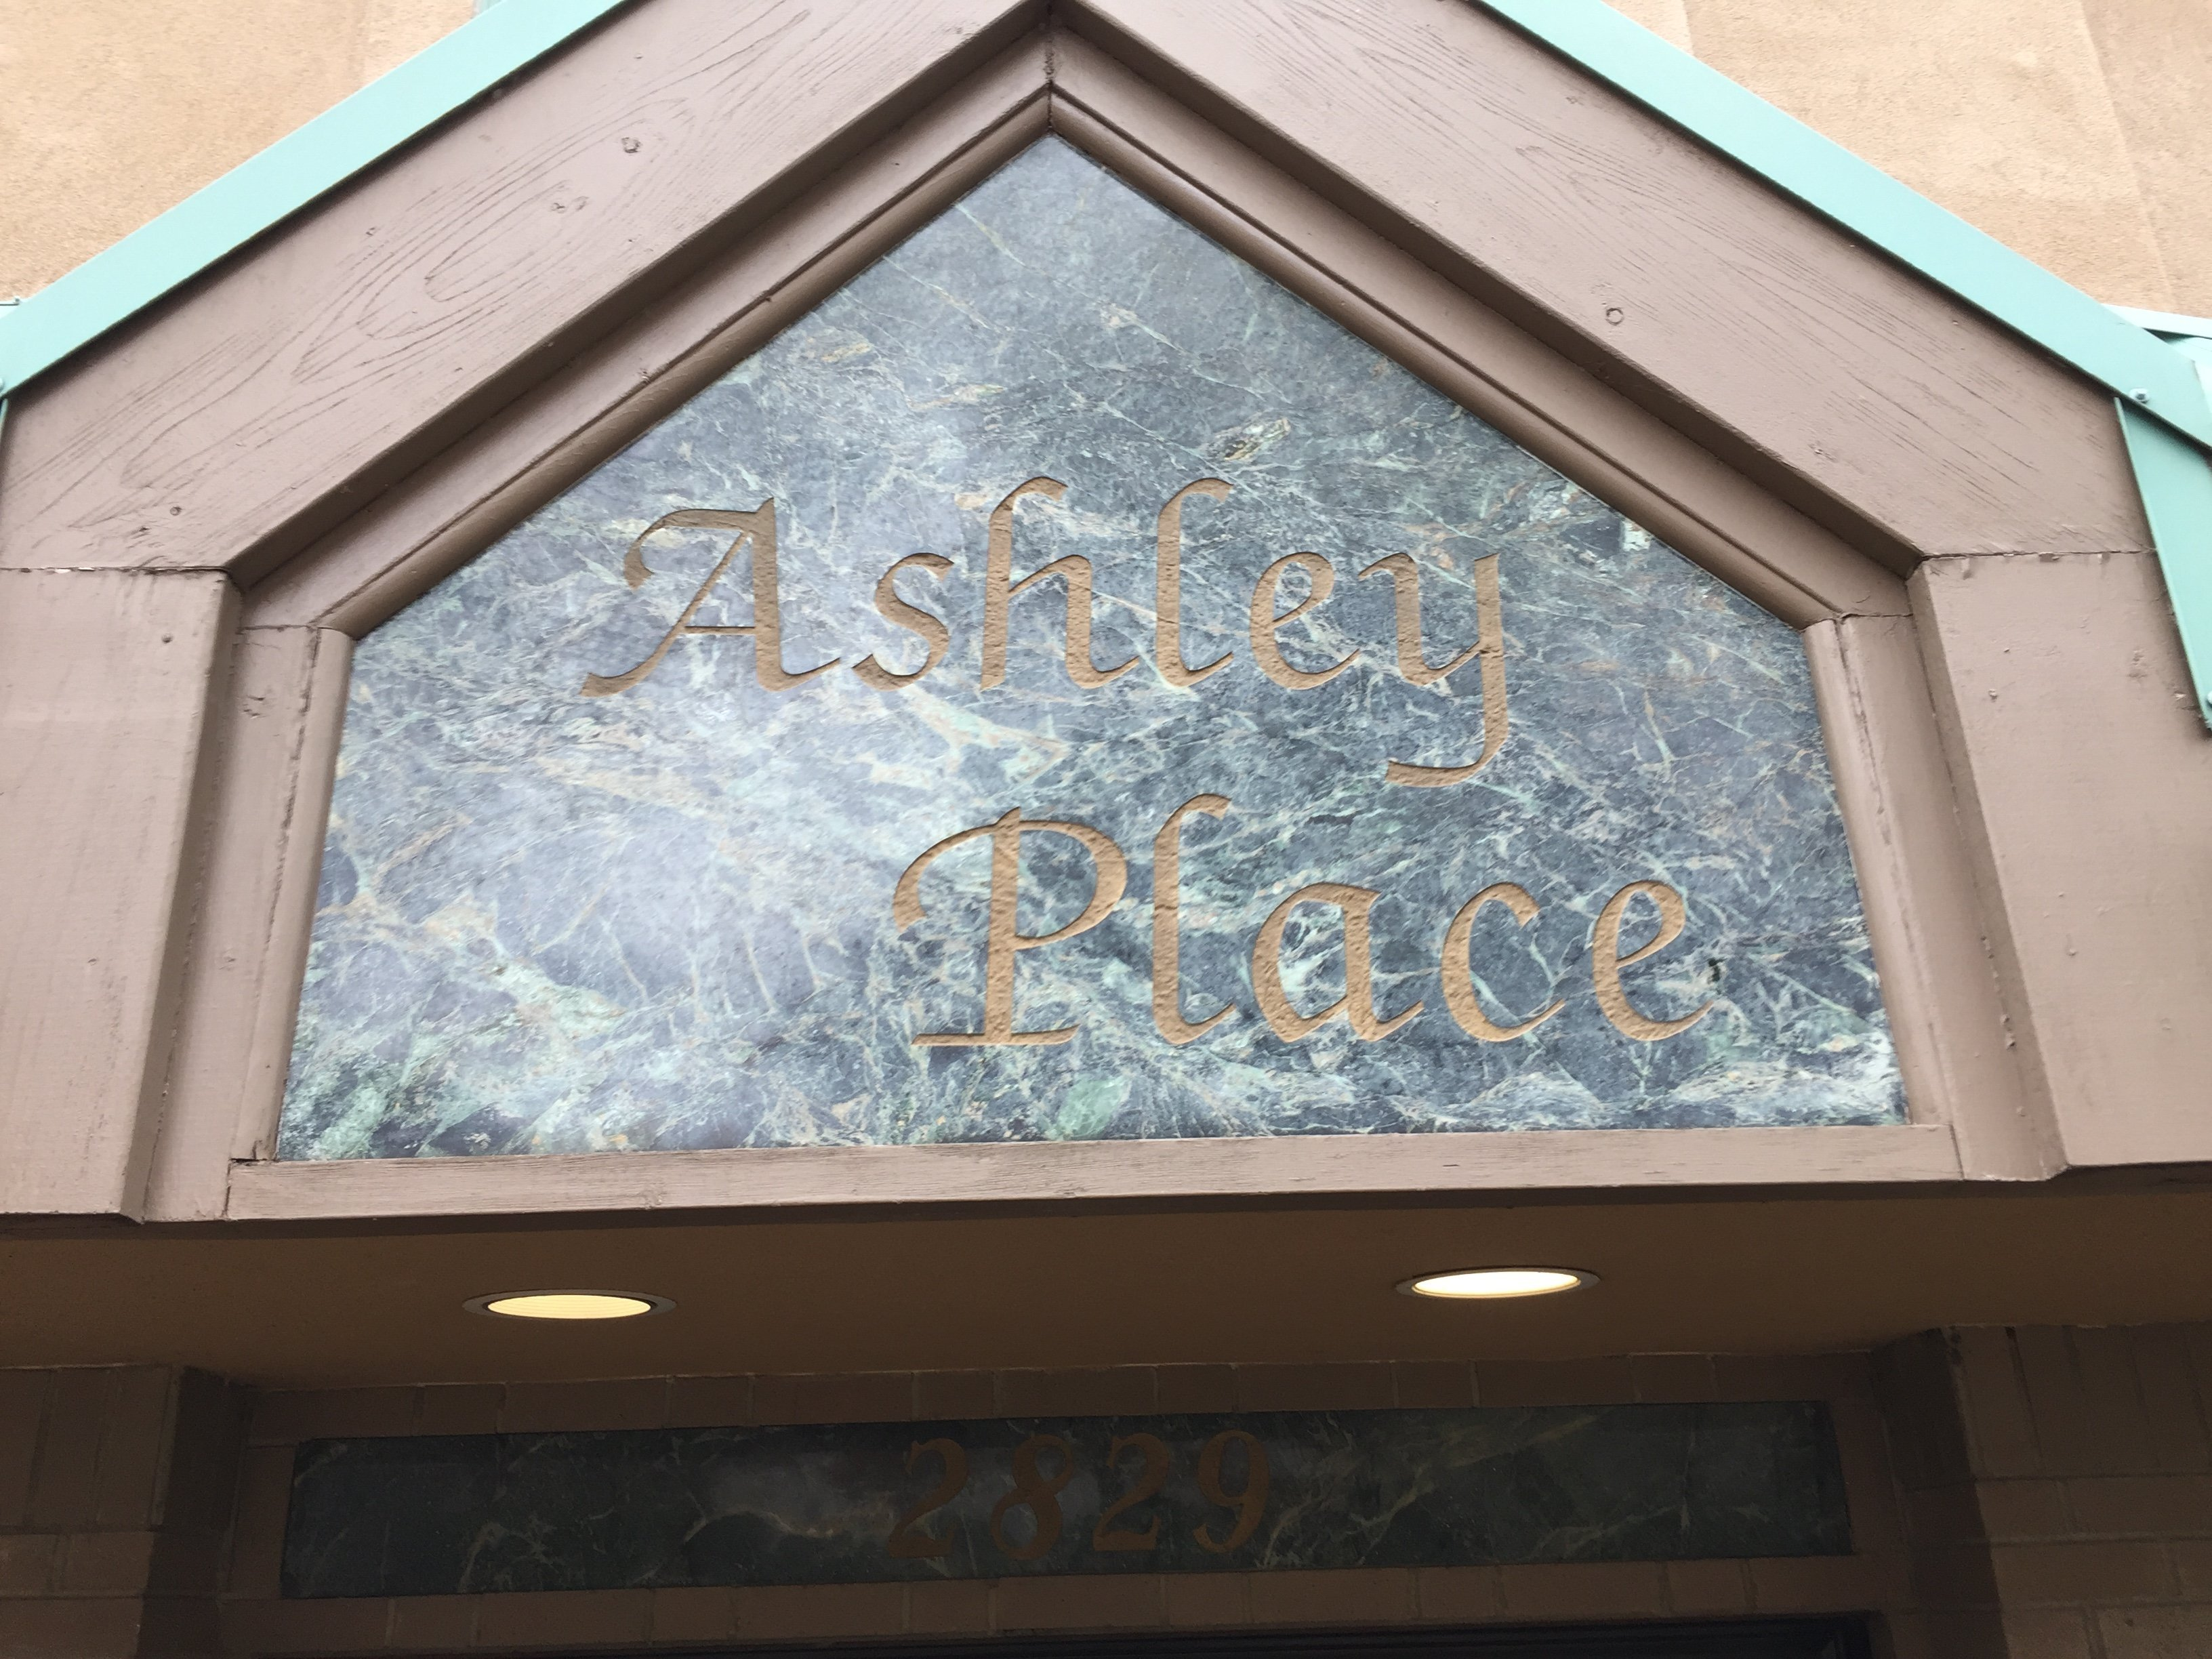 Ashley Place!